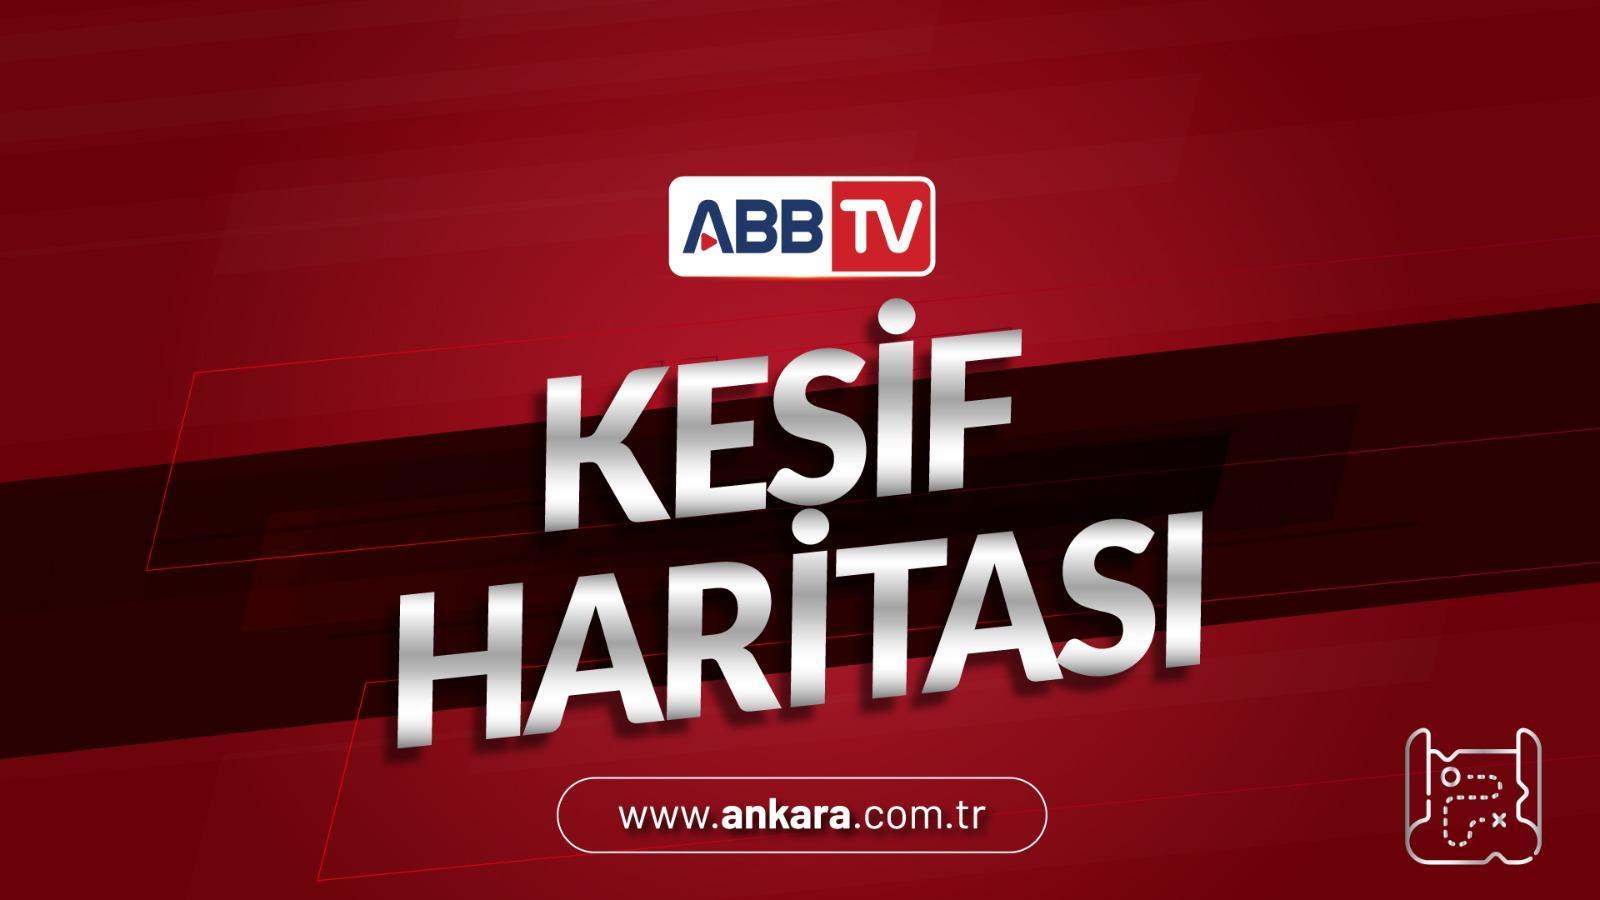 KEŞİF HARİTASI - 2. BÖLÜM